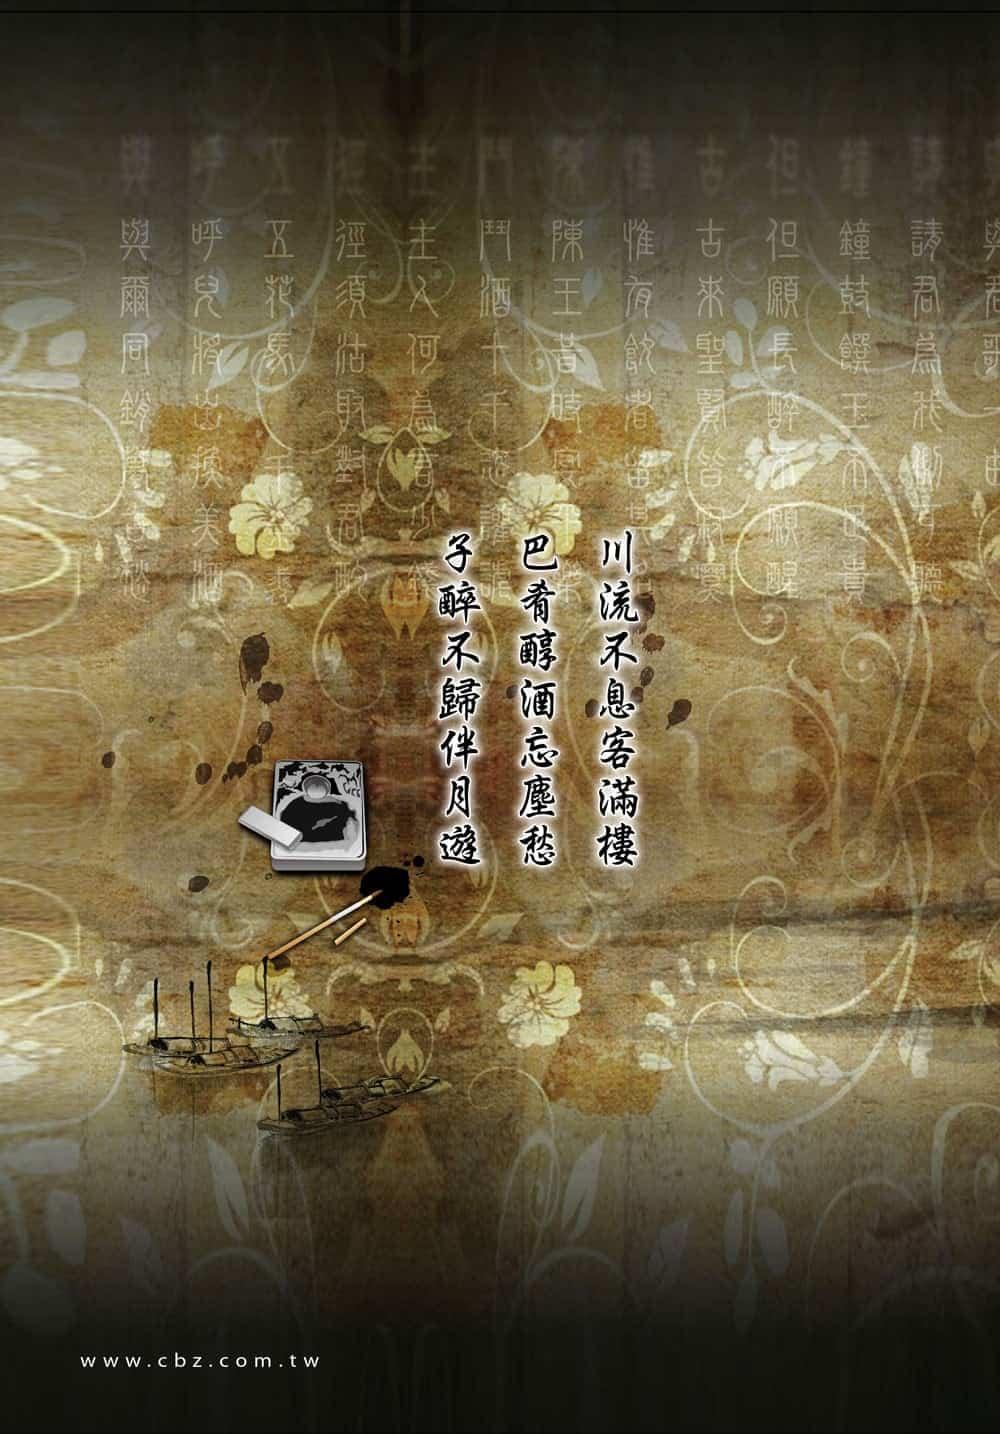 20140907-川巴子design-內前+內底